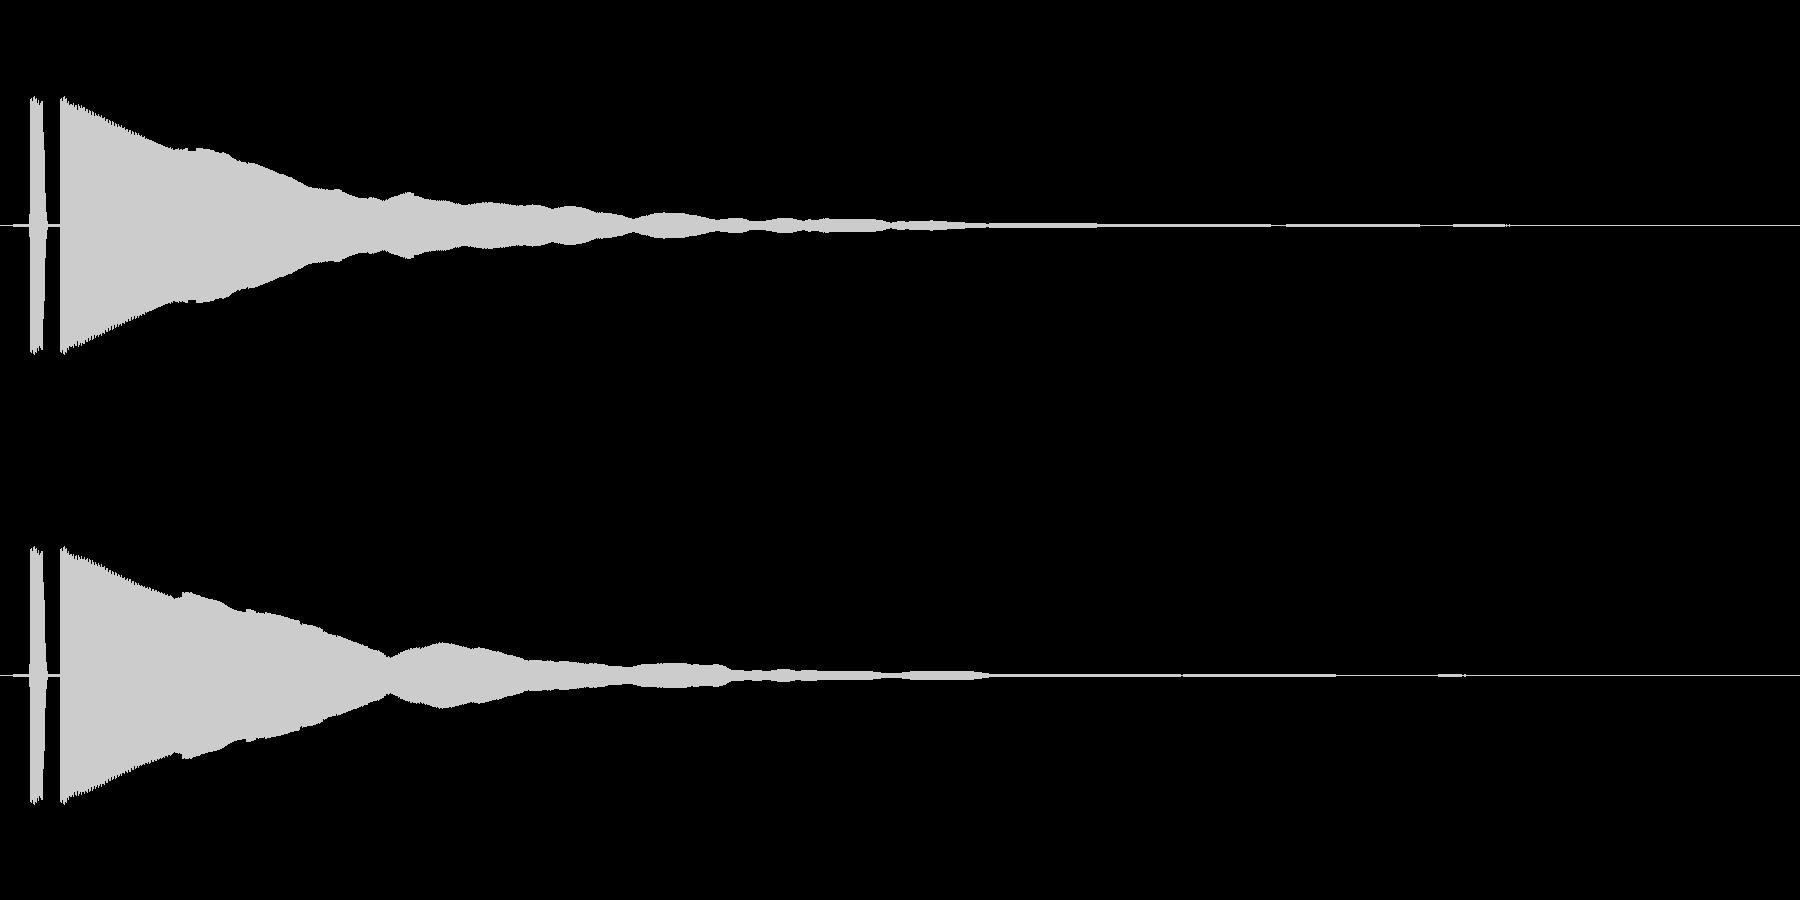 ピーン_決定系の電子音の未再生の波形